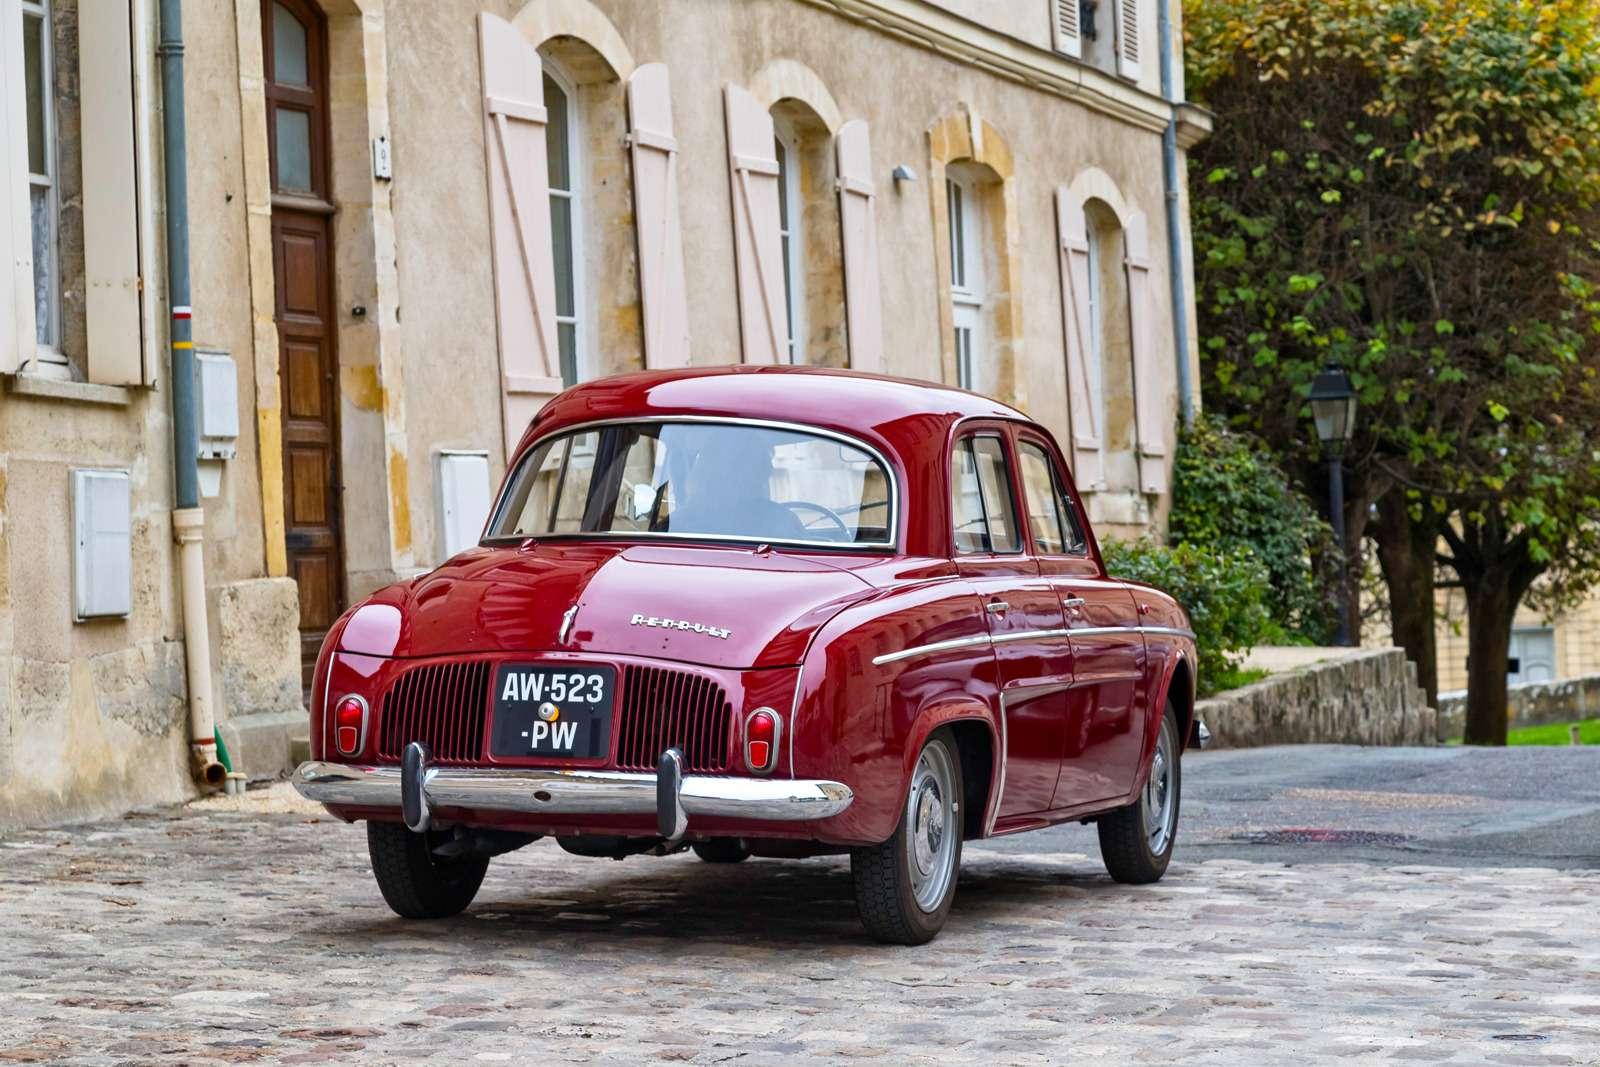 20-Renault-old_zr-01_16